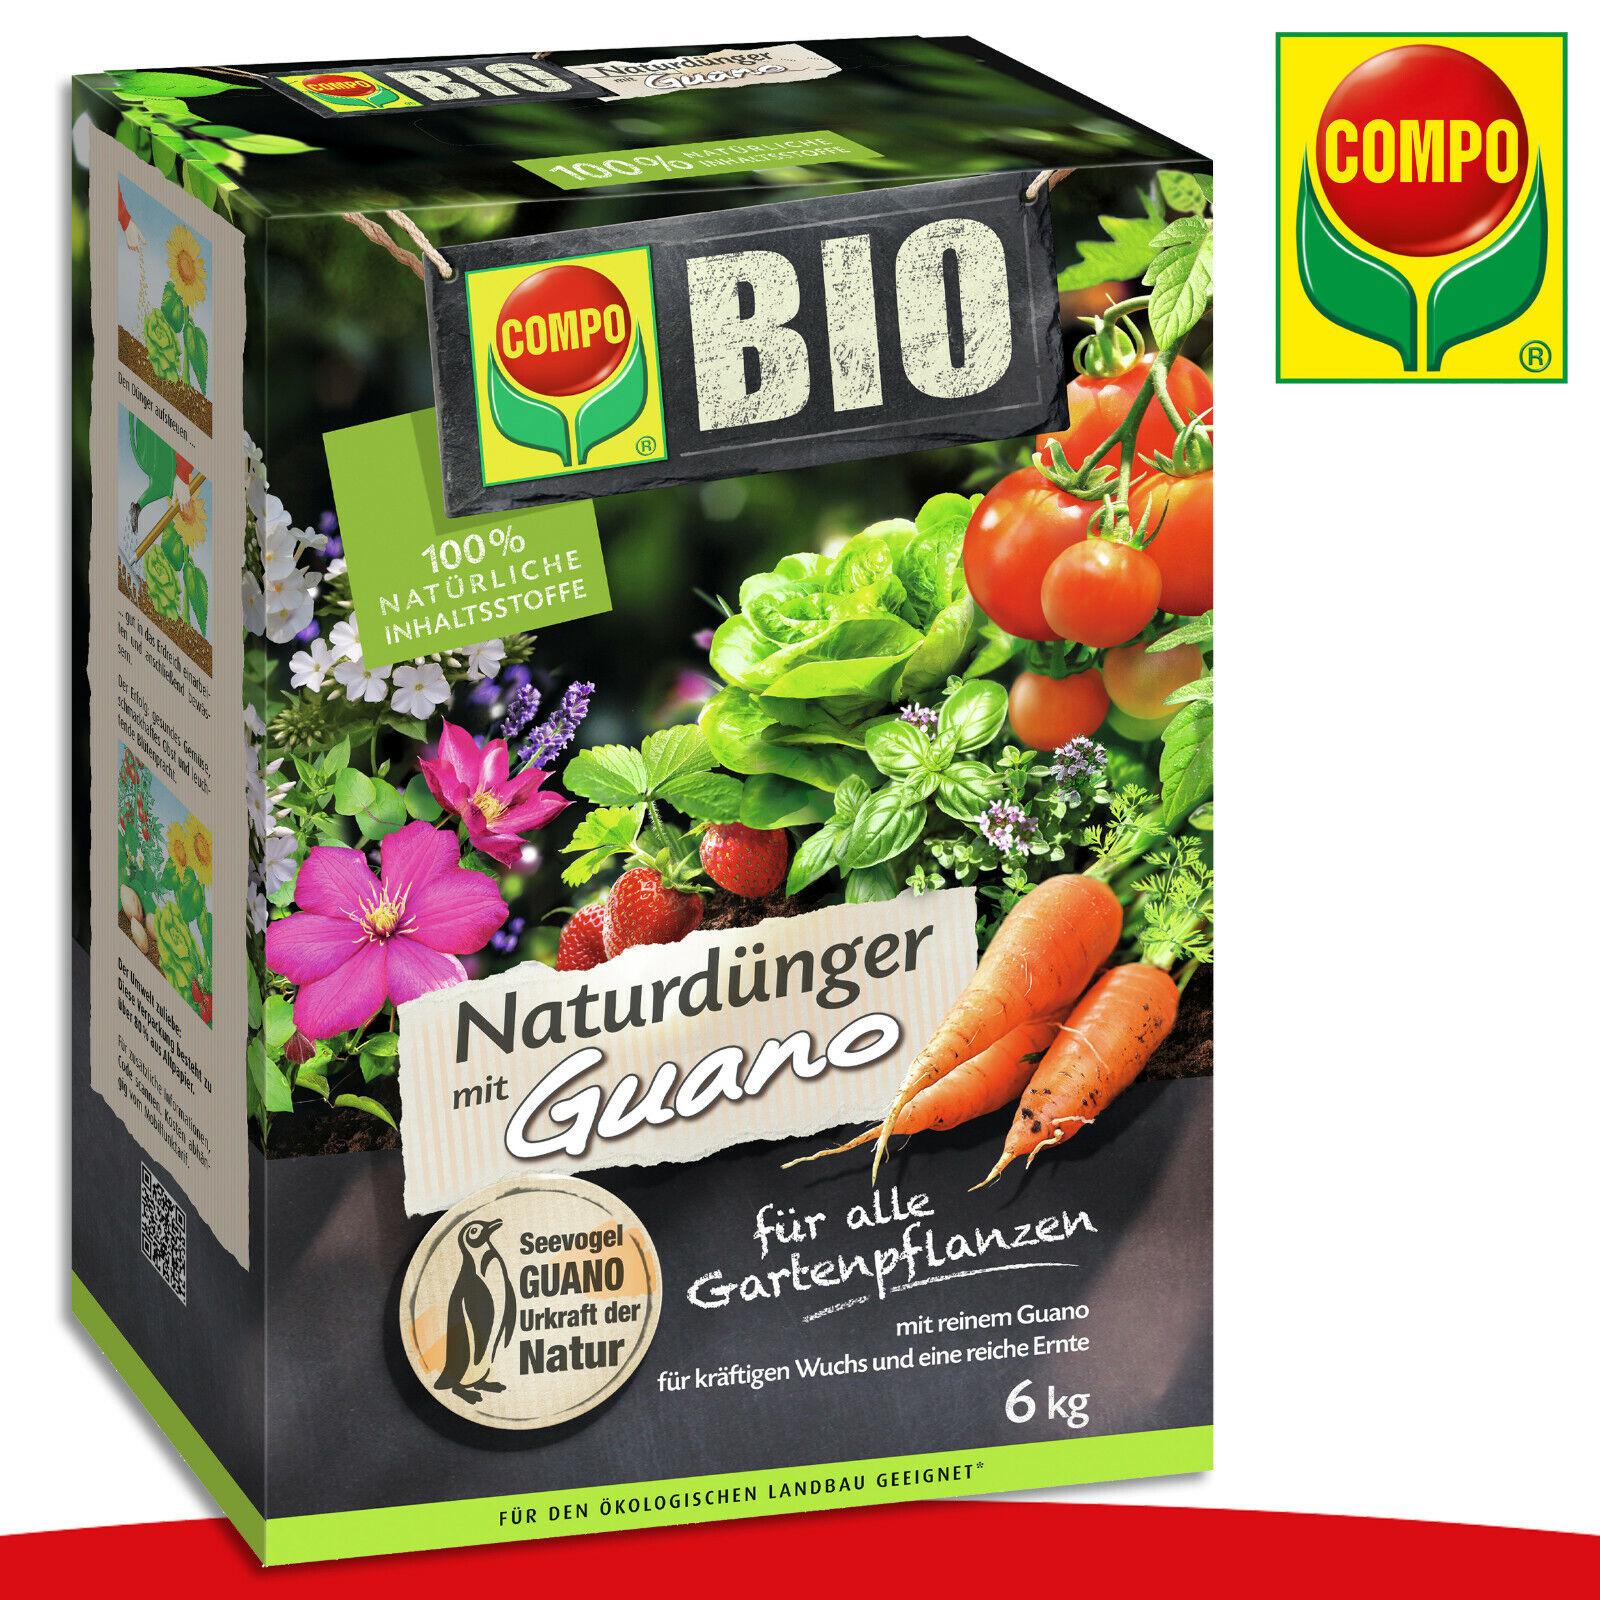 COMPO 6 kg BIO NaturDünger mit Guano | Für alle Gartenpflanzen Universal Blumen